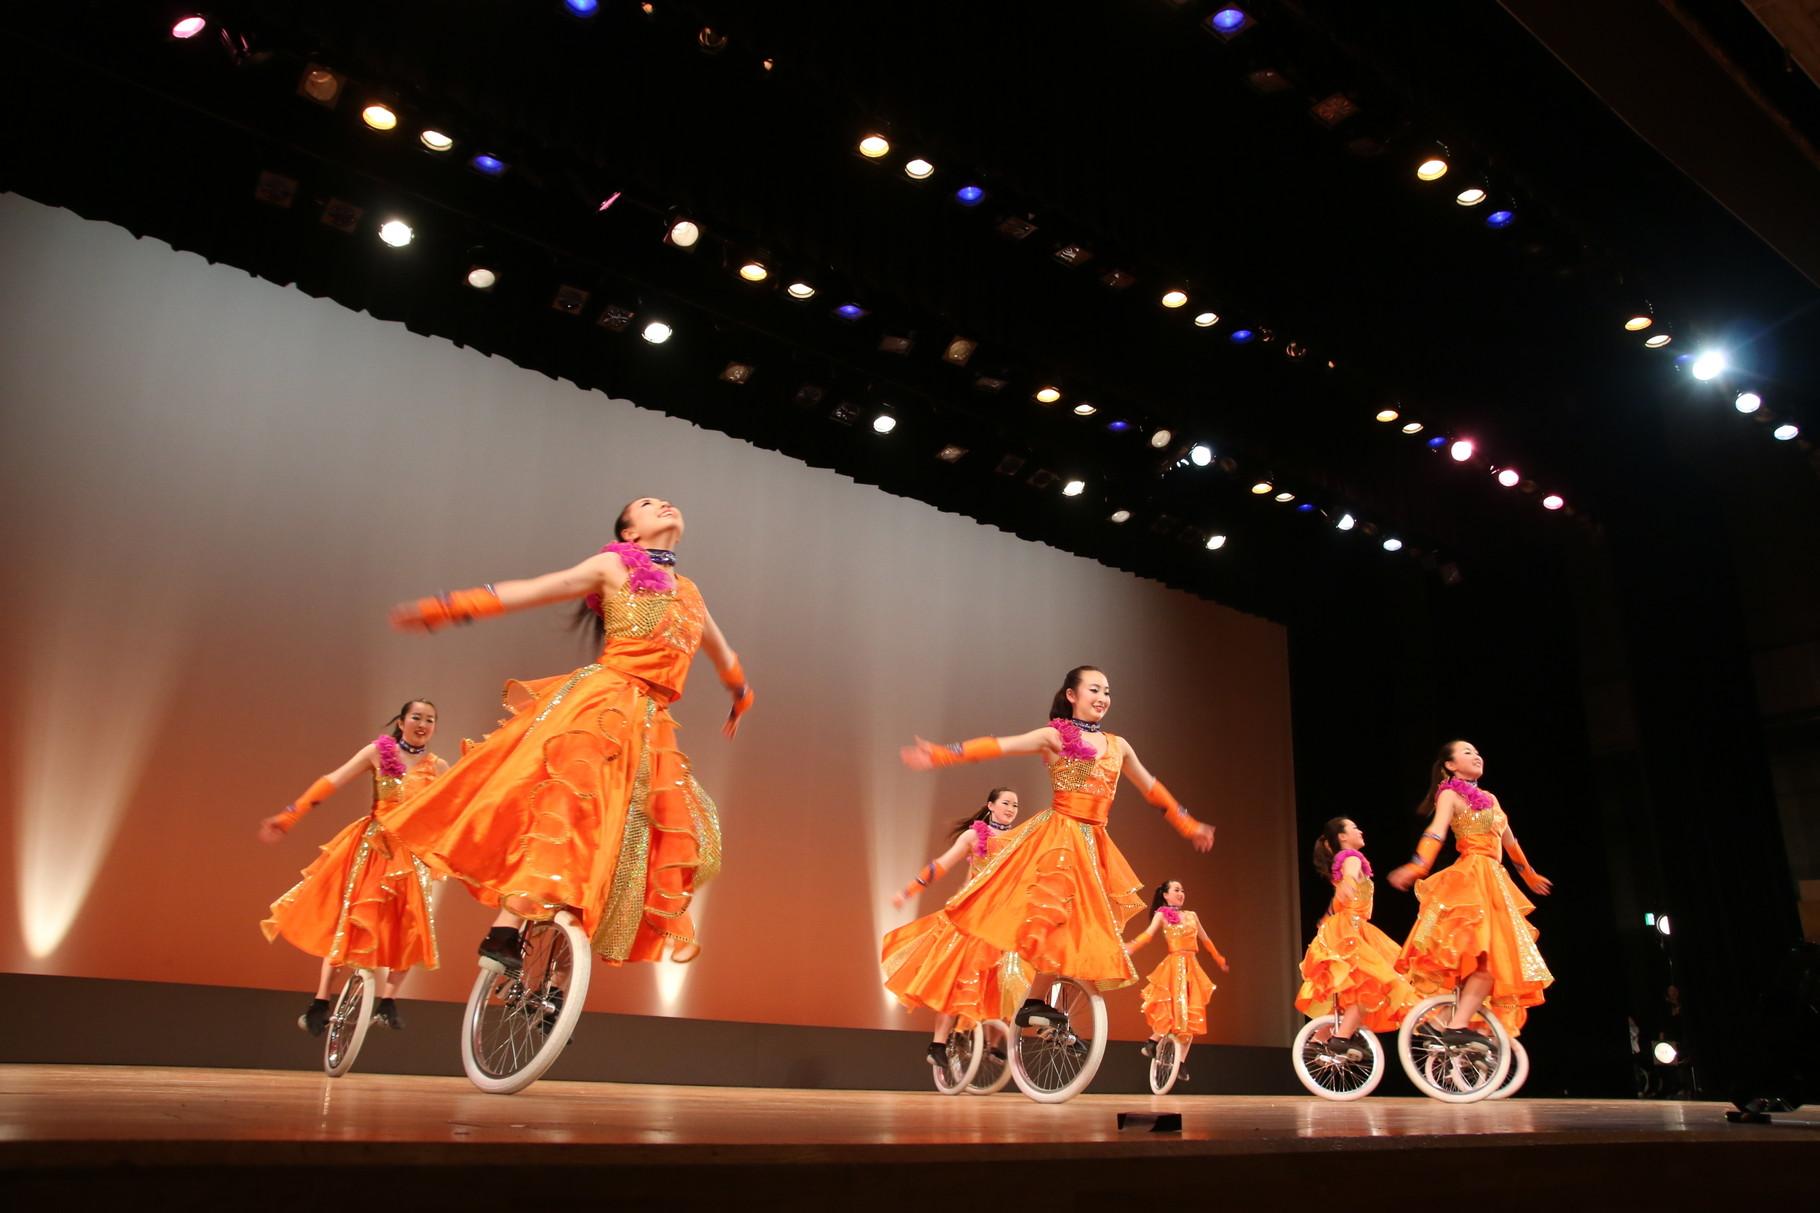 一輪車、大好き。salto、大好き